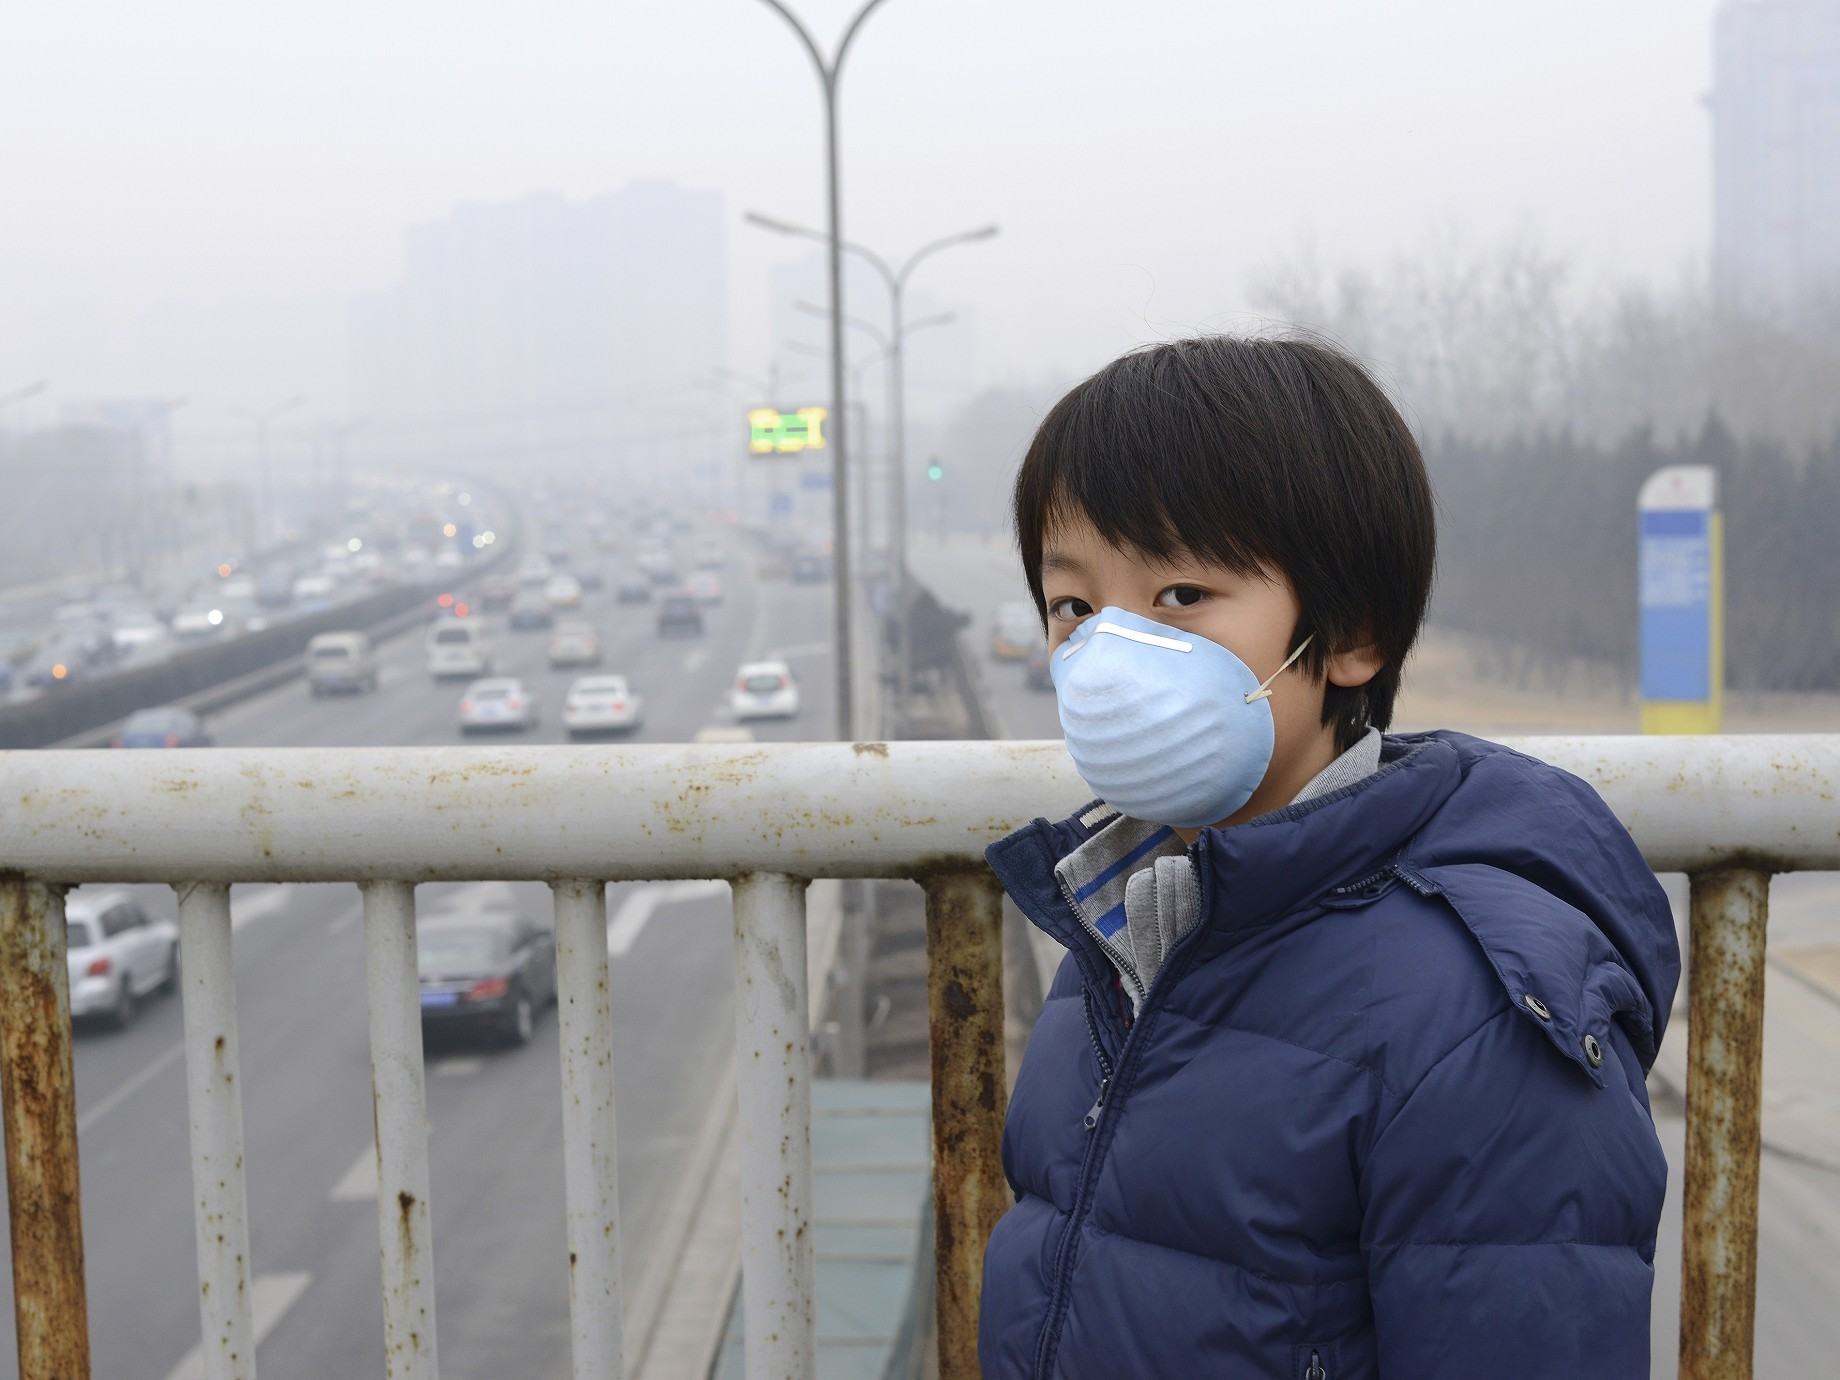 〈2015年10月〉台灣網路消費者對「空氣清淨機」購買行為與通路品牌分析-EAGLEEYE鷹眼數據